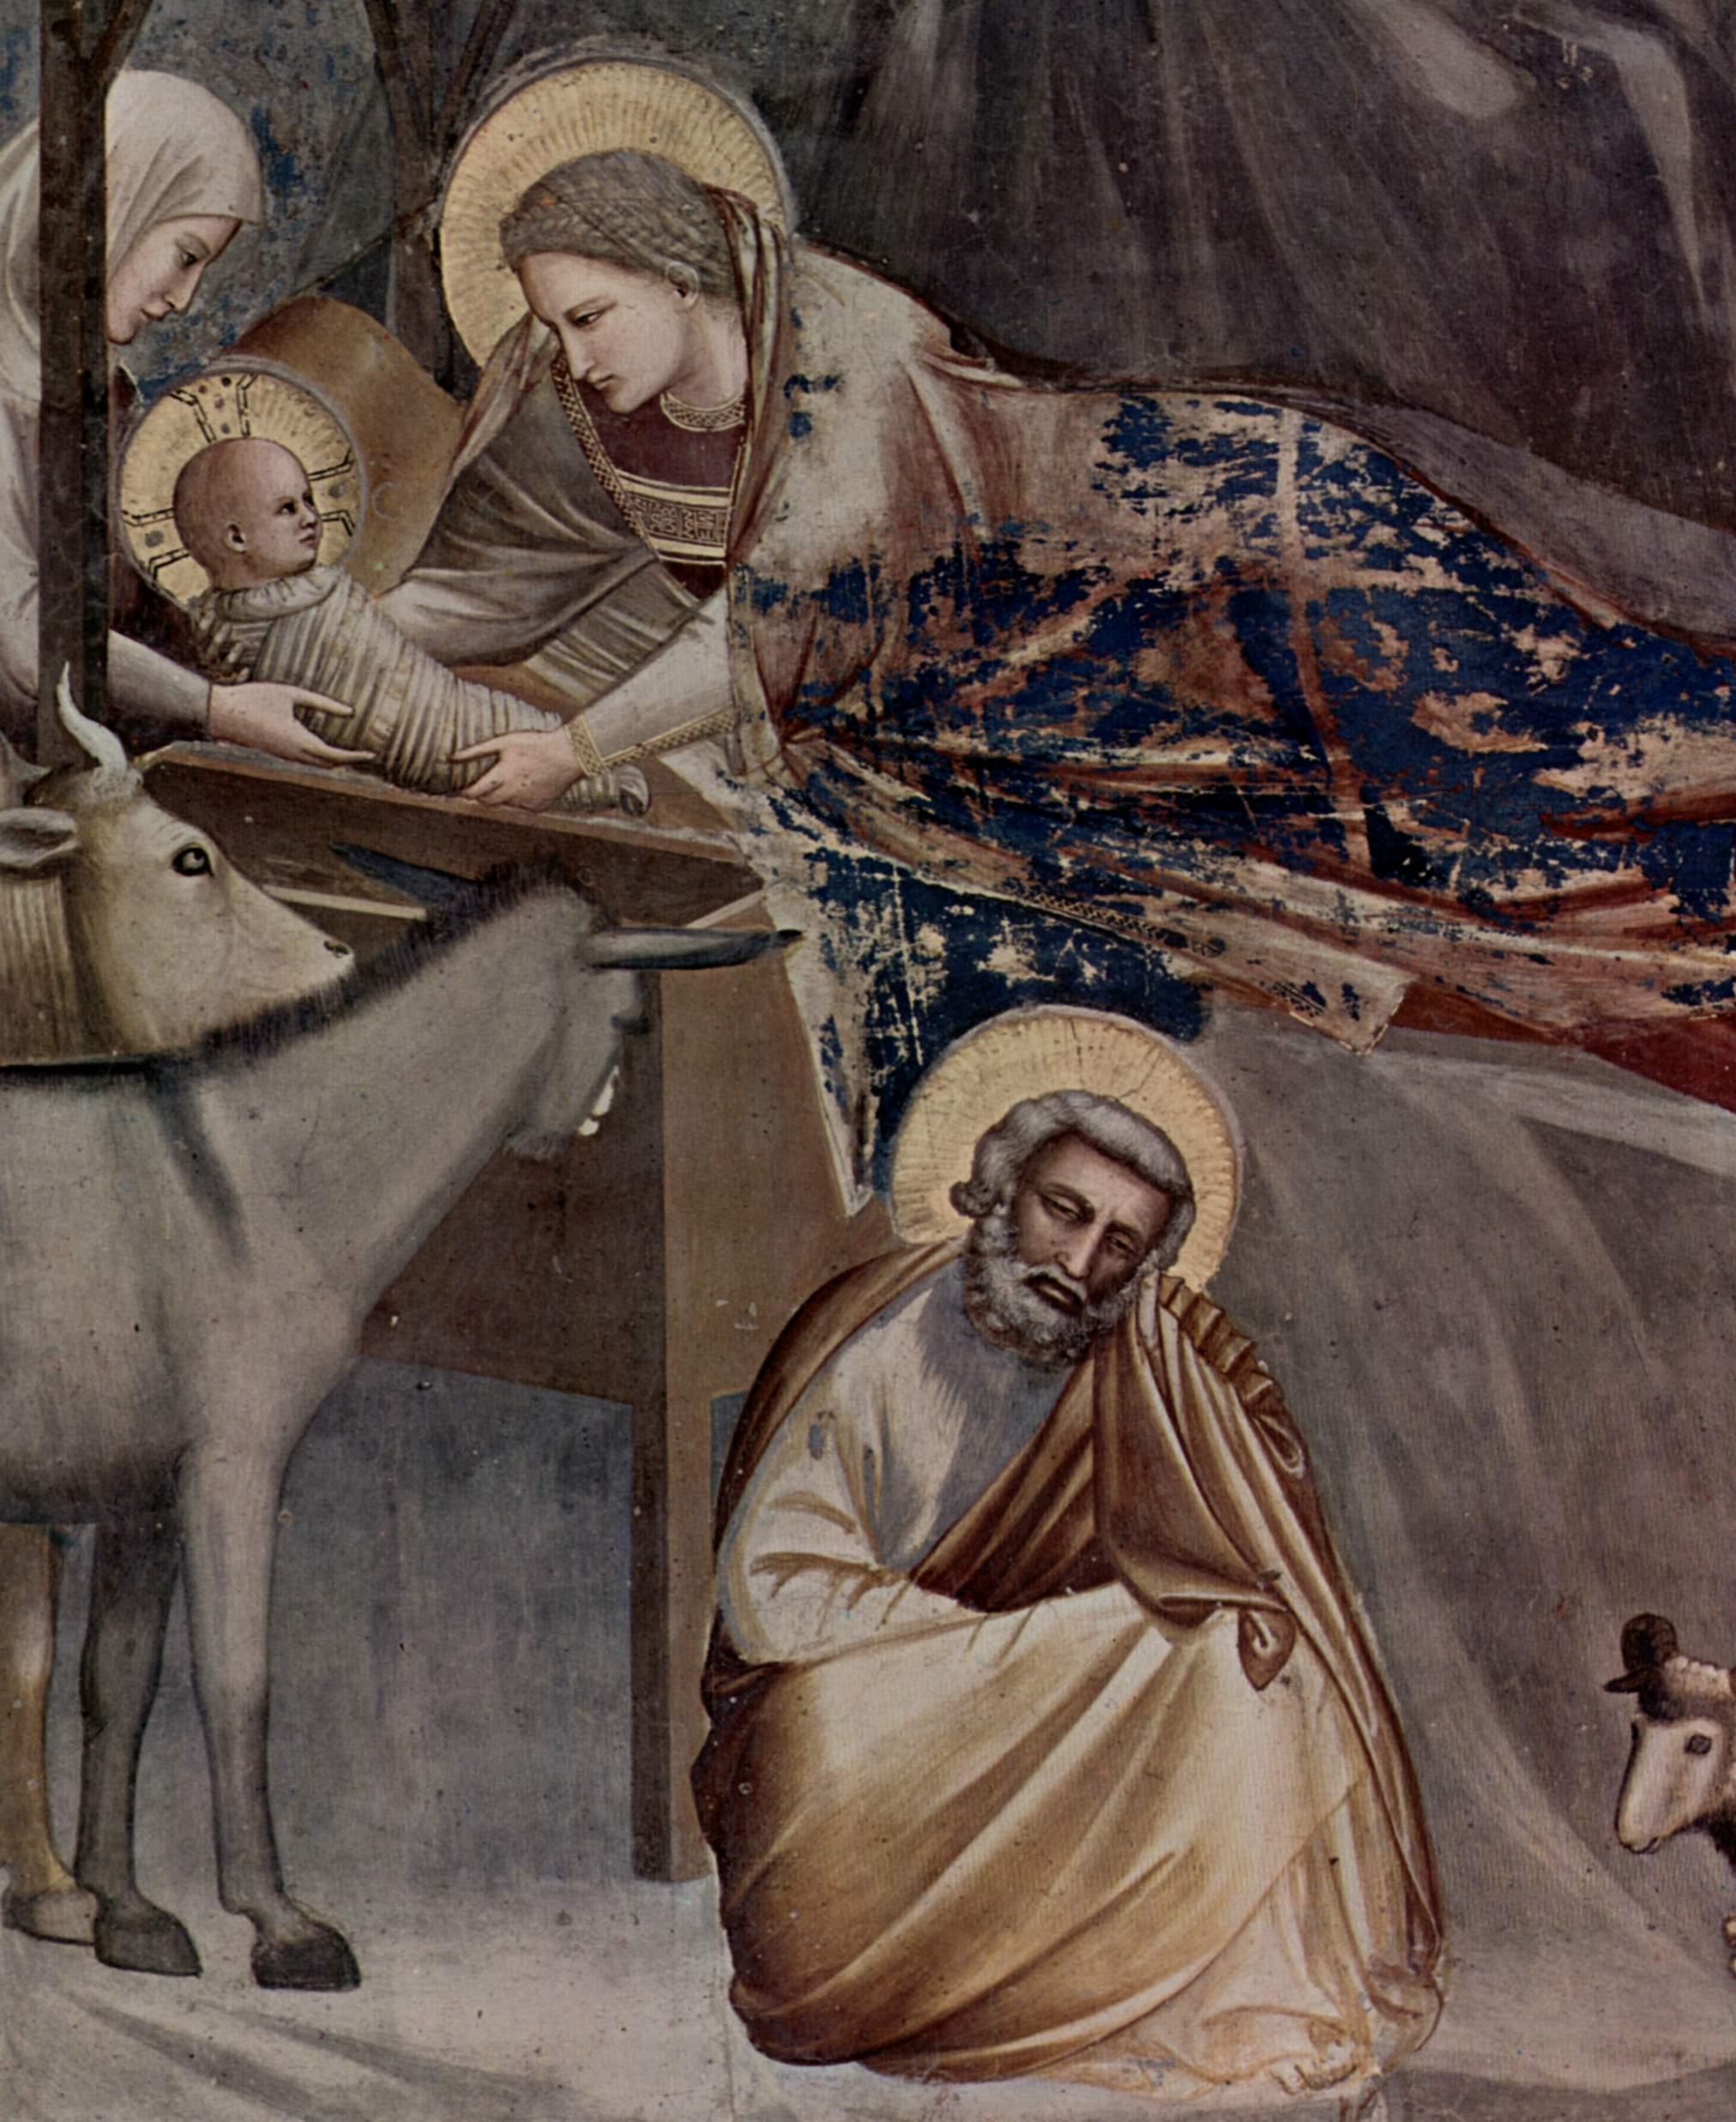 Цикл фресок капеллы Арена [08] в Падуе (капелла Скровеньи). Встреча у Золотых ворот. Фрагмент, Джотто ди Бондоне